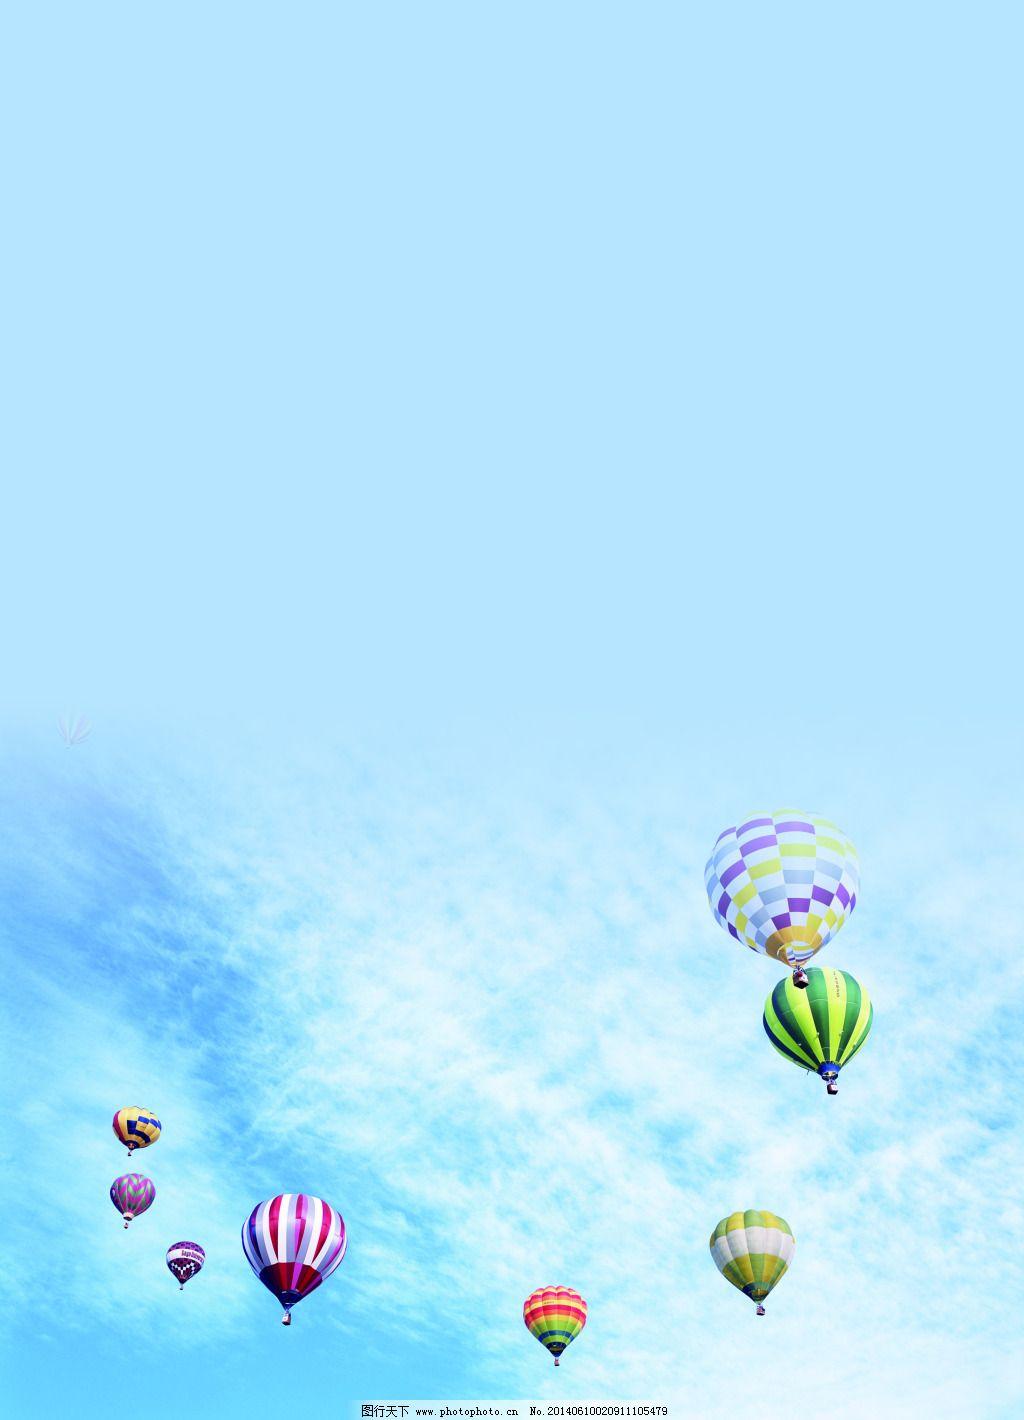 卡通天空背景手绘